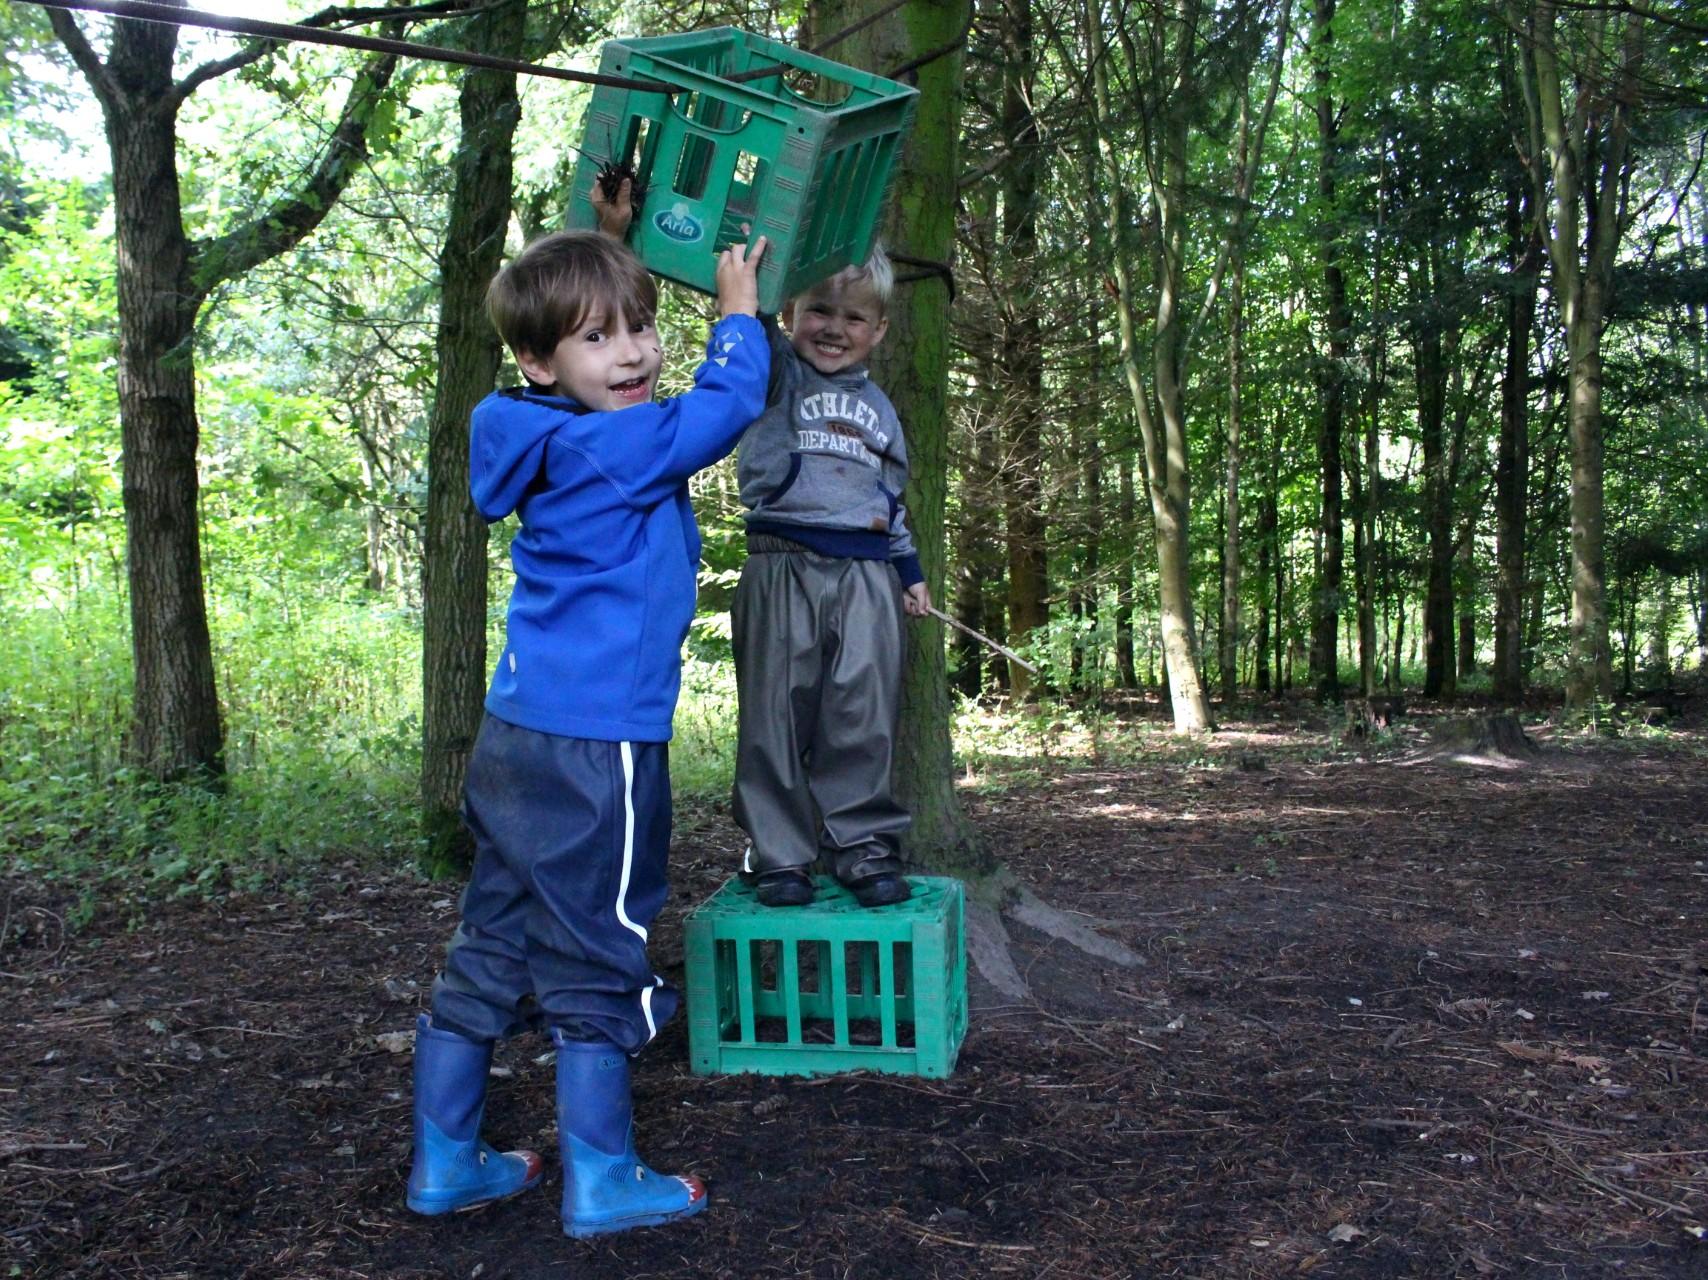 Forskere: Lad børn lege vildt i naturen